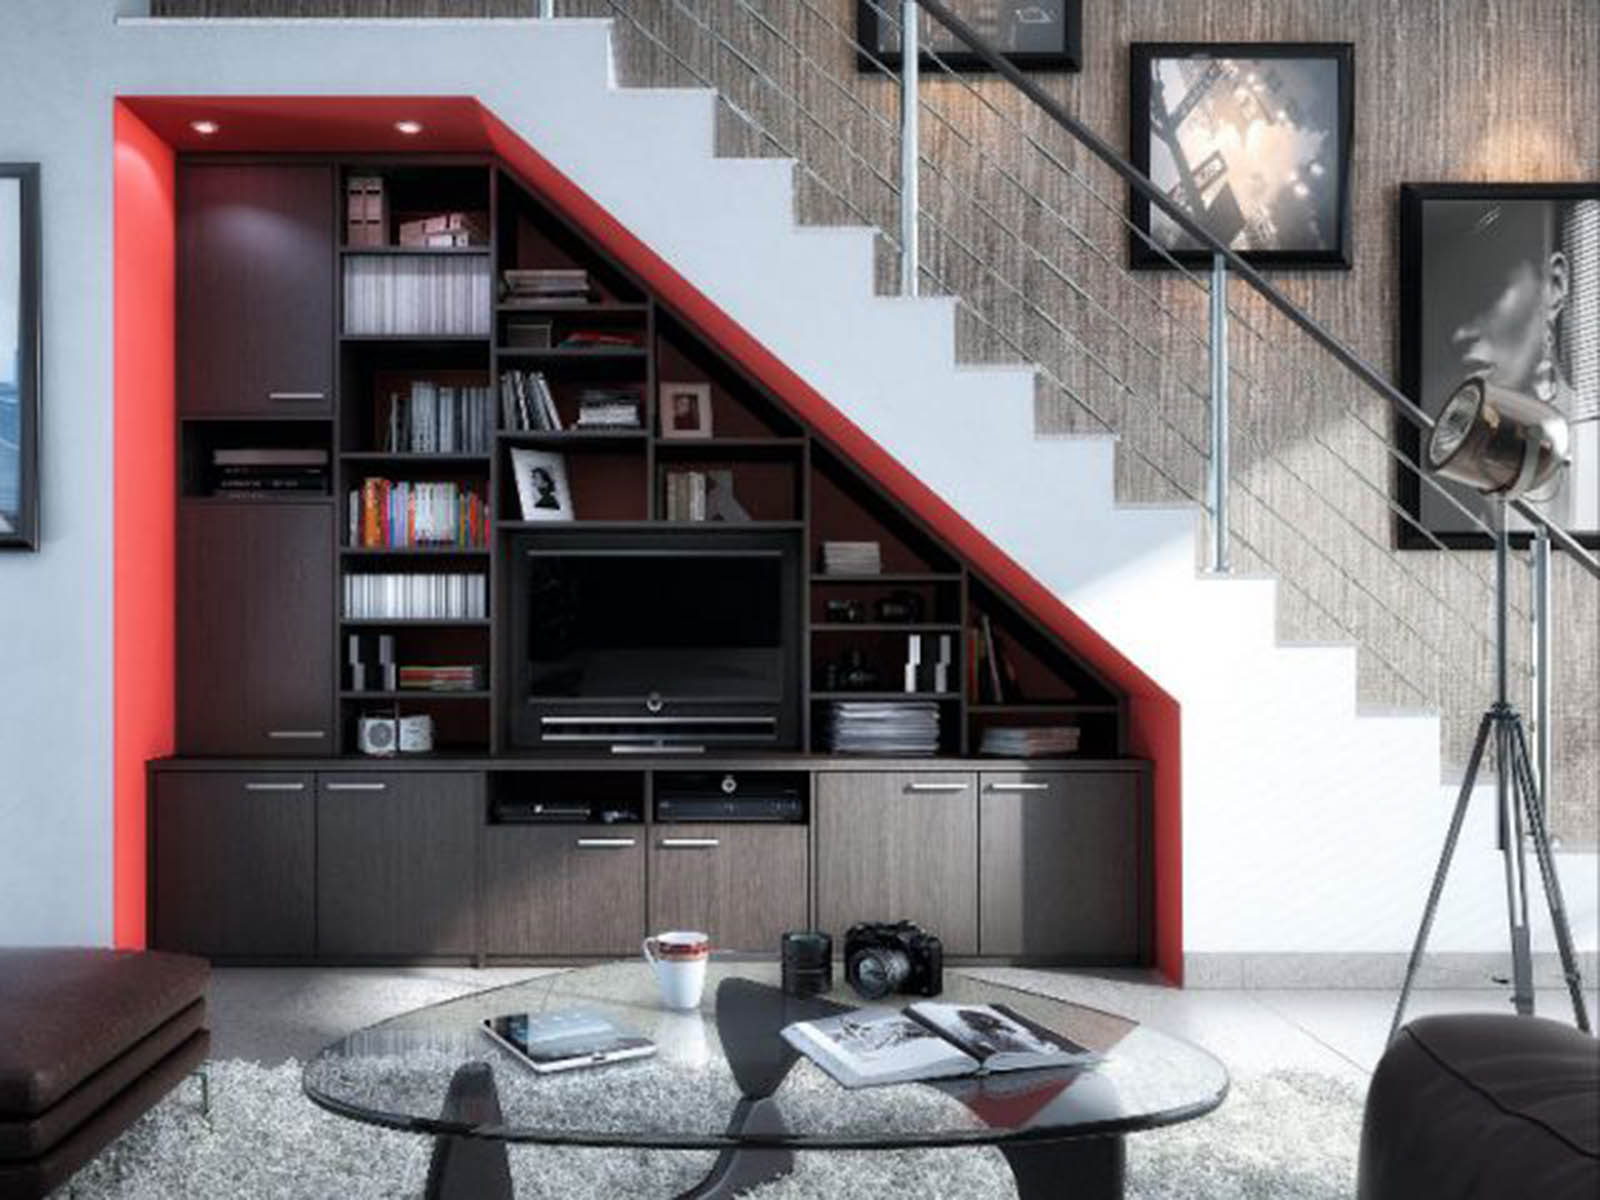 Meuble Cuisine Ikea Vide Sanitaire aménager l'espace sous un escalier - salon viving